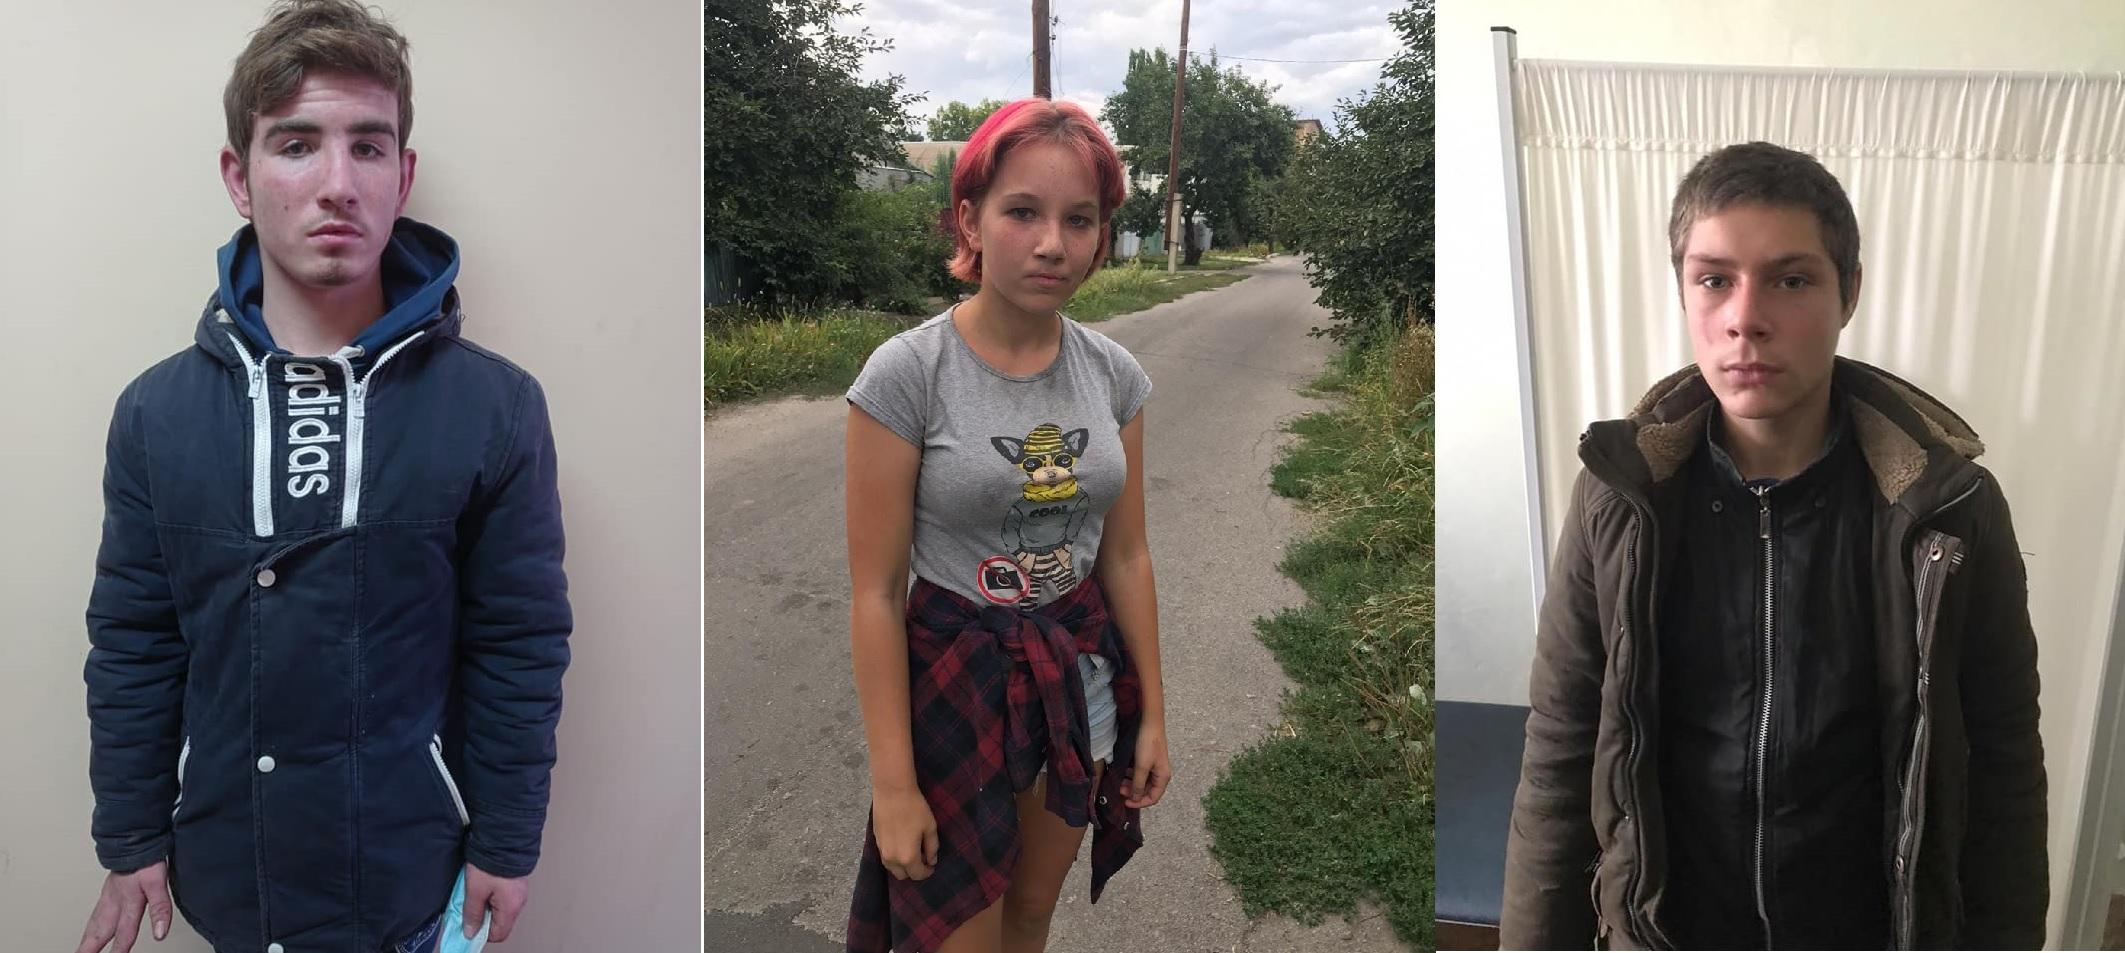 Полиция никопольского района разыскивает троих несовершеннолетних детей | Прихист